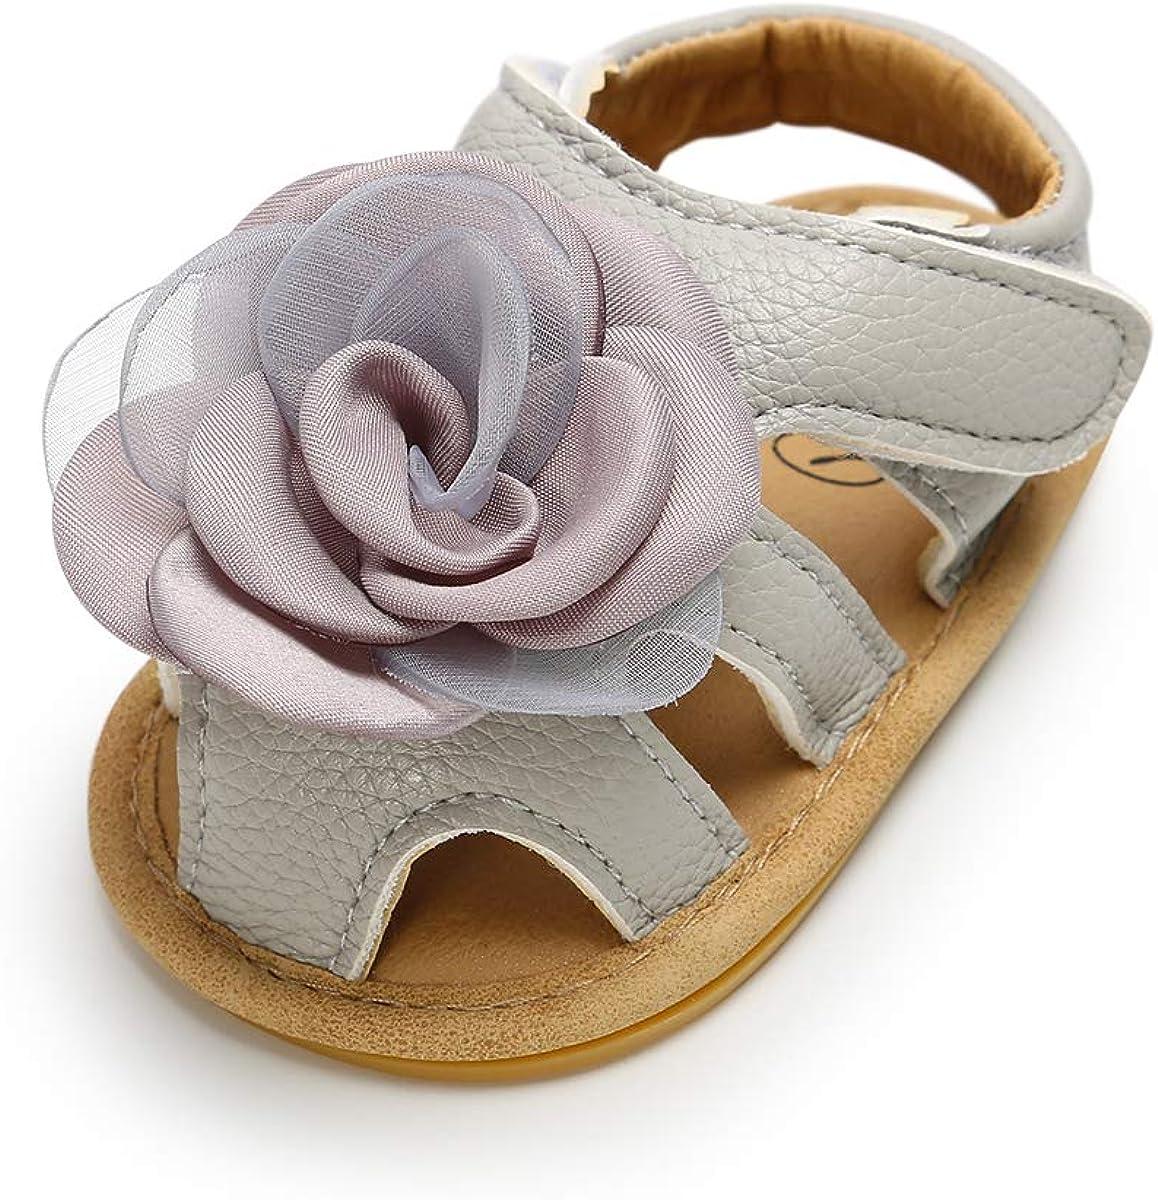 LACOFIA Sandali estive per Bambina Scarpe da Primi Passi per neonata con Fiore